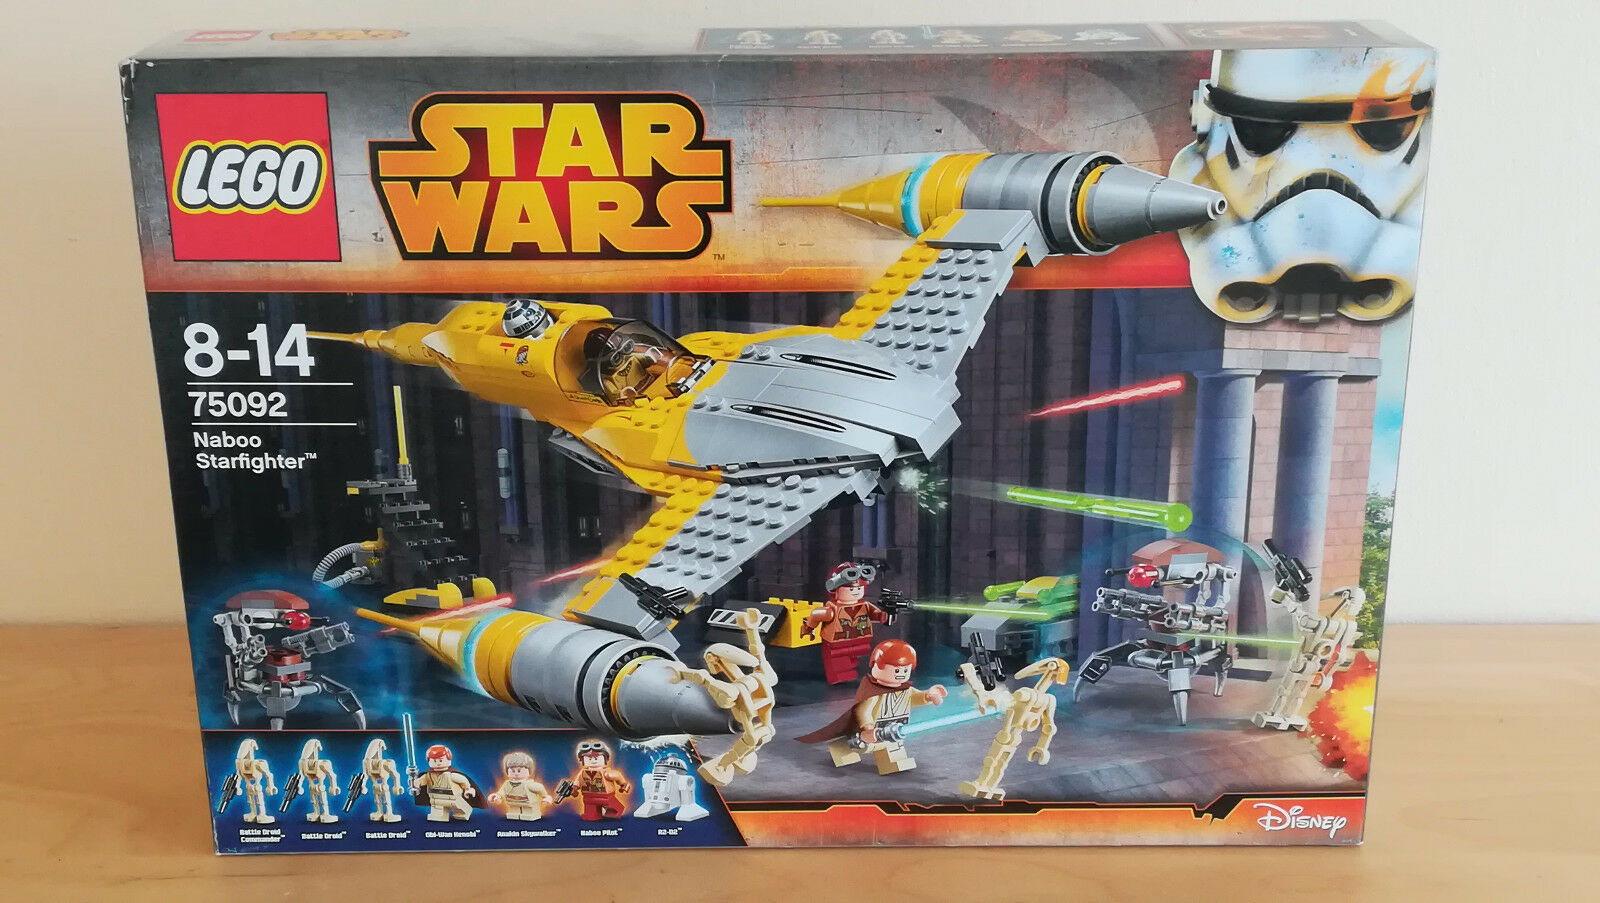 LEGO Star Wars 75092 NABOO STARFIGHTER STARFIGHTER STARFIGHTER - Brand New - Episode 1 a4905f